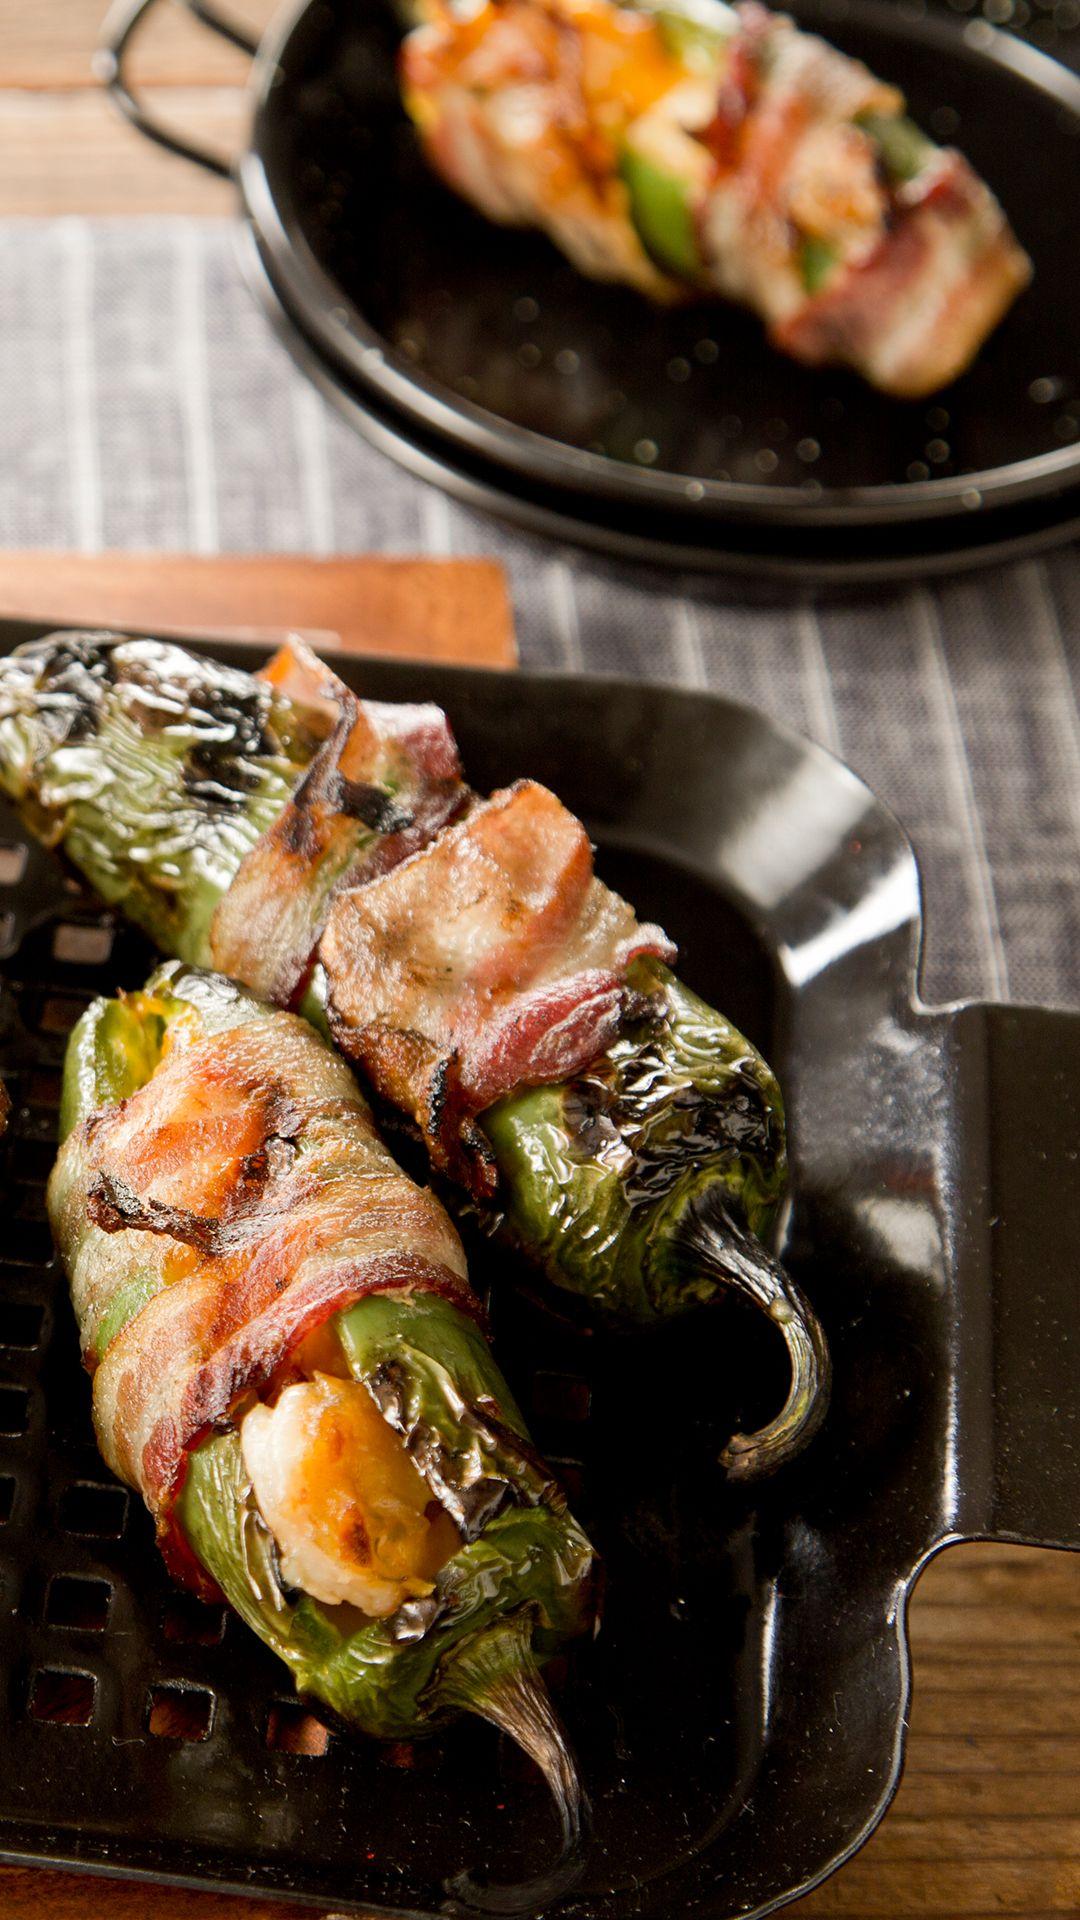 Bbq Shrimp Stuffed Jalapeno Popper Recipe In 2020 Spicy Recipes Bbq Recipes Bbq Shrimp